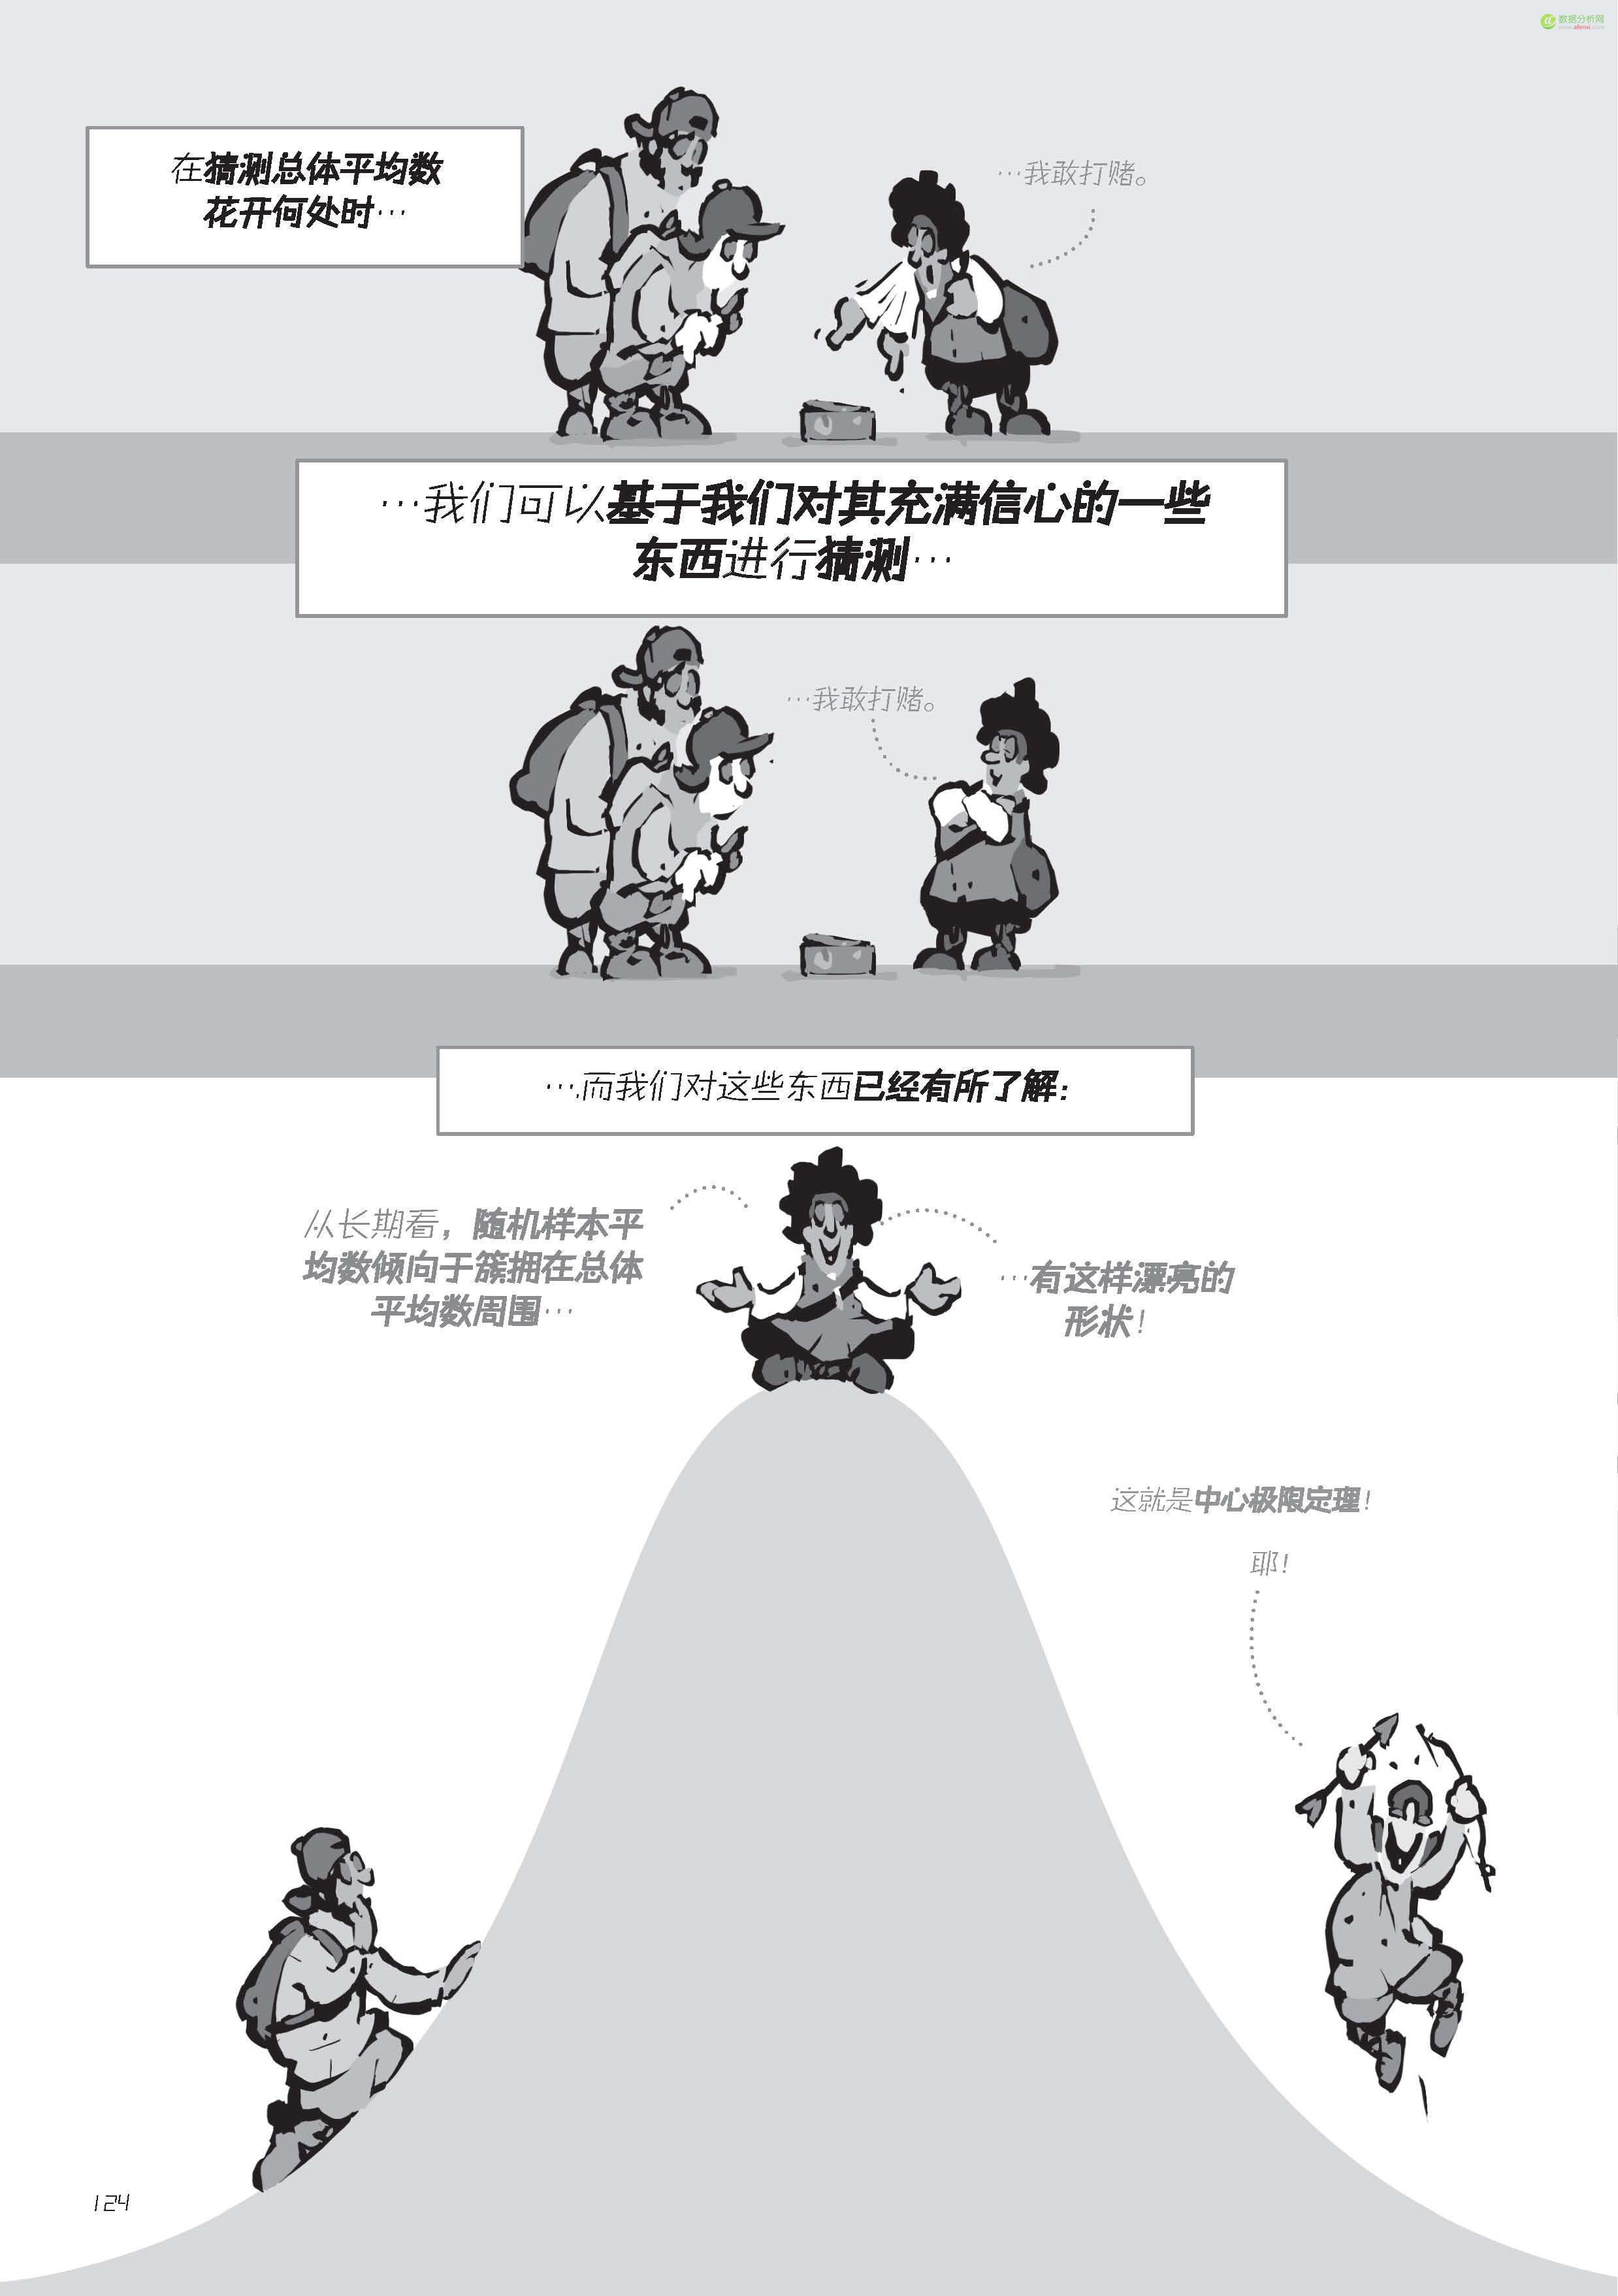 漫画:《深入浅出学统计》——推断-数据分析网